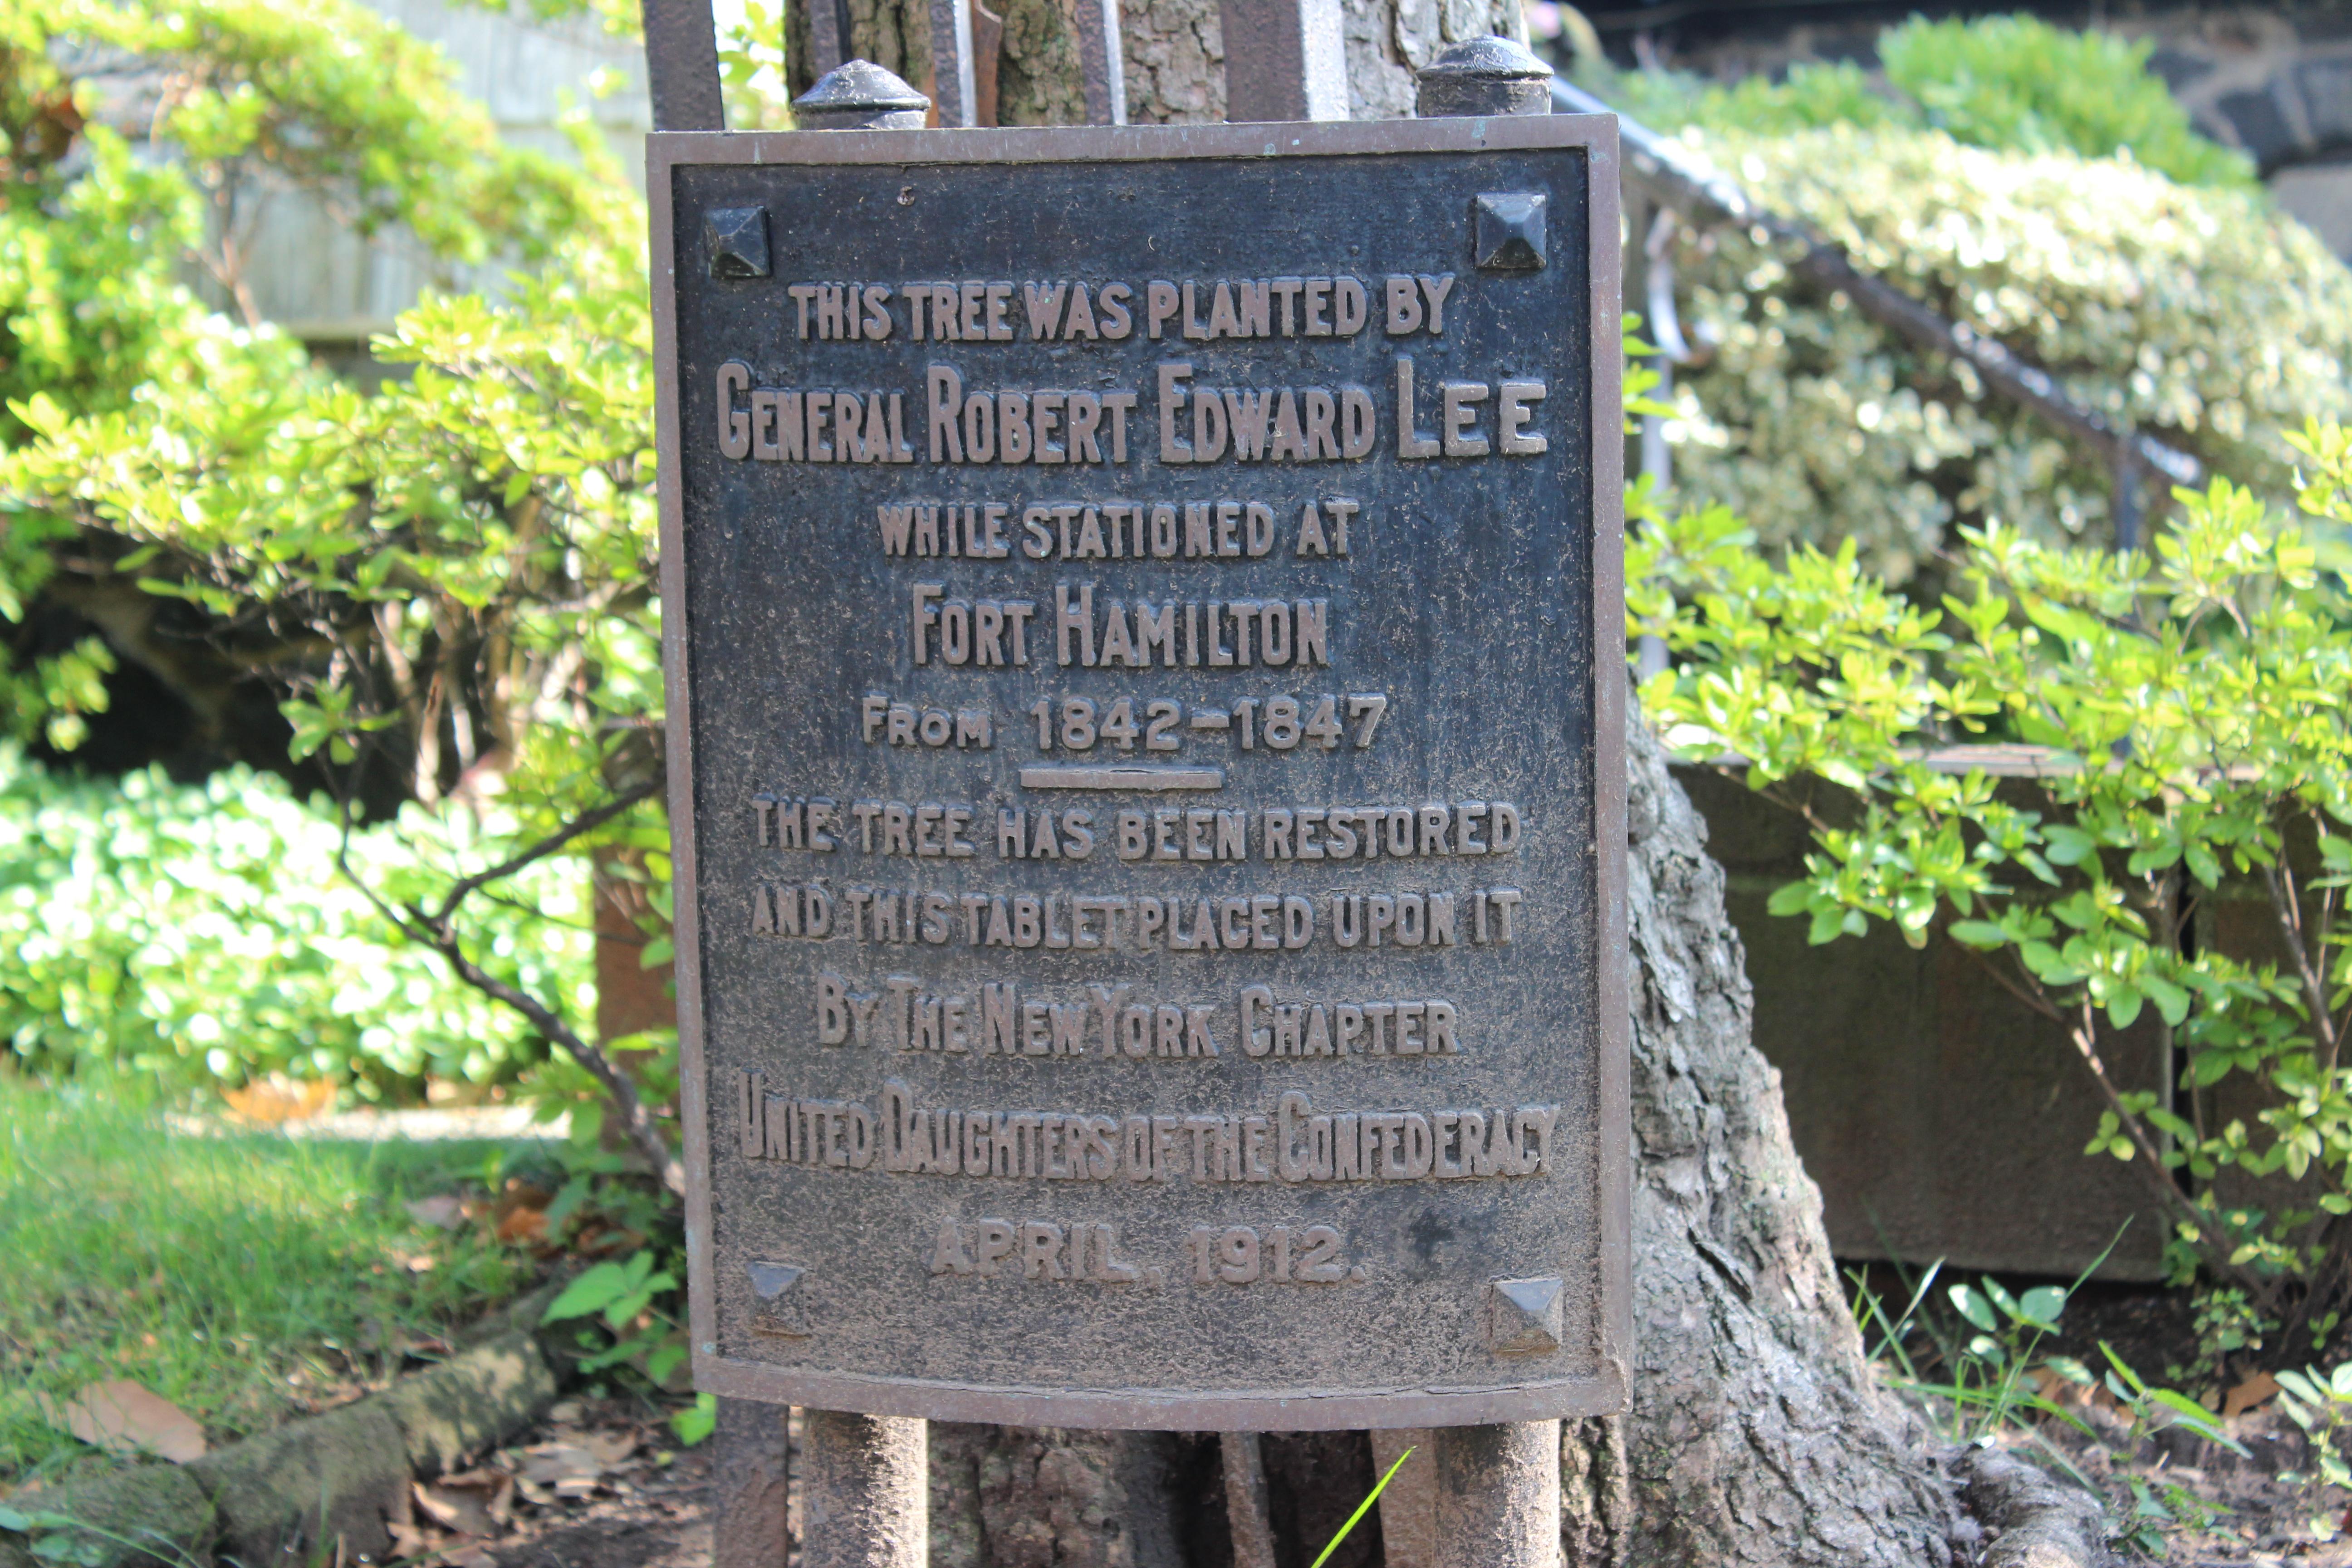 Robert E. Lee Memorial removed